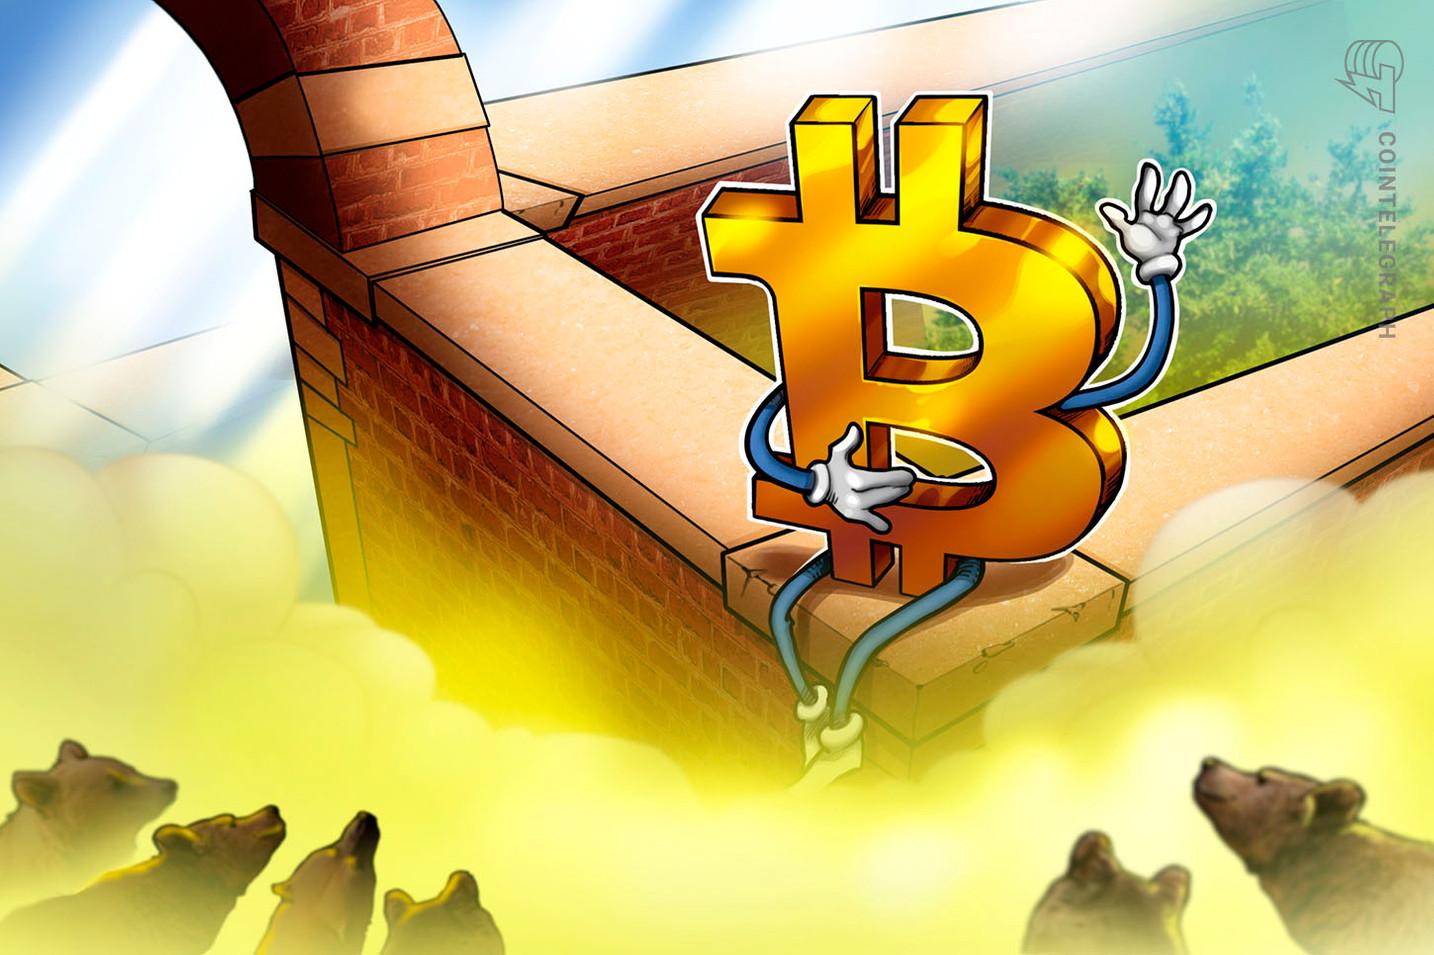 仮想通貨ビットコインは9000ドルに回復できるか?投資家のセンチメントはいまだ弱気